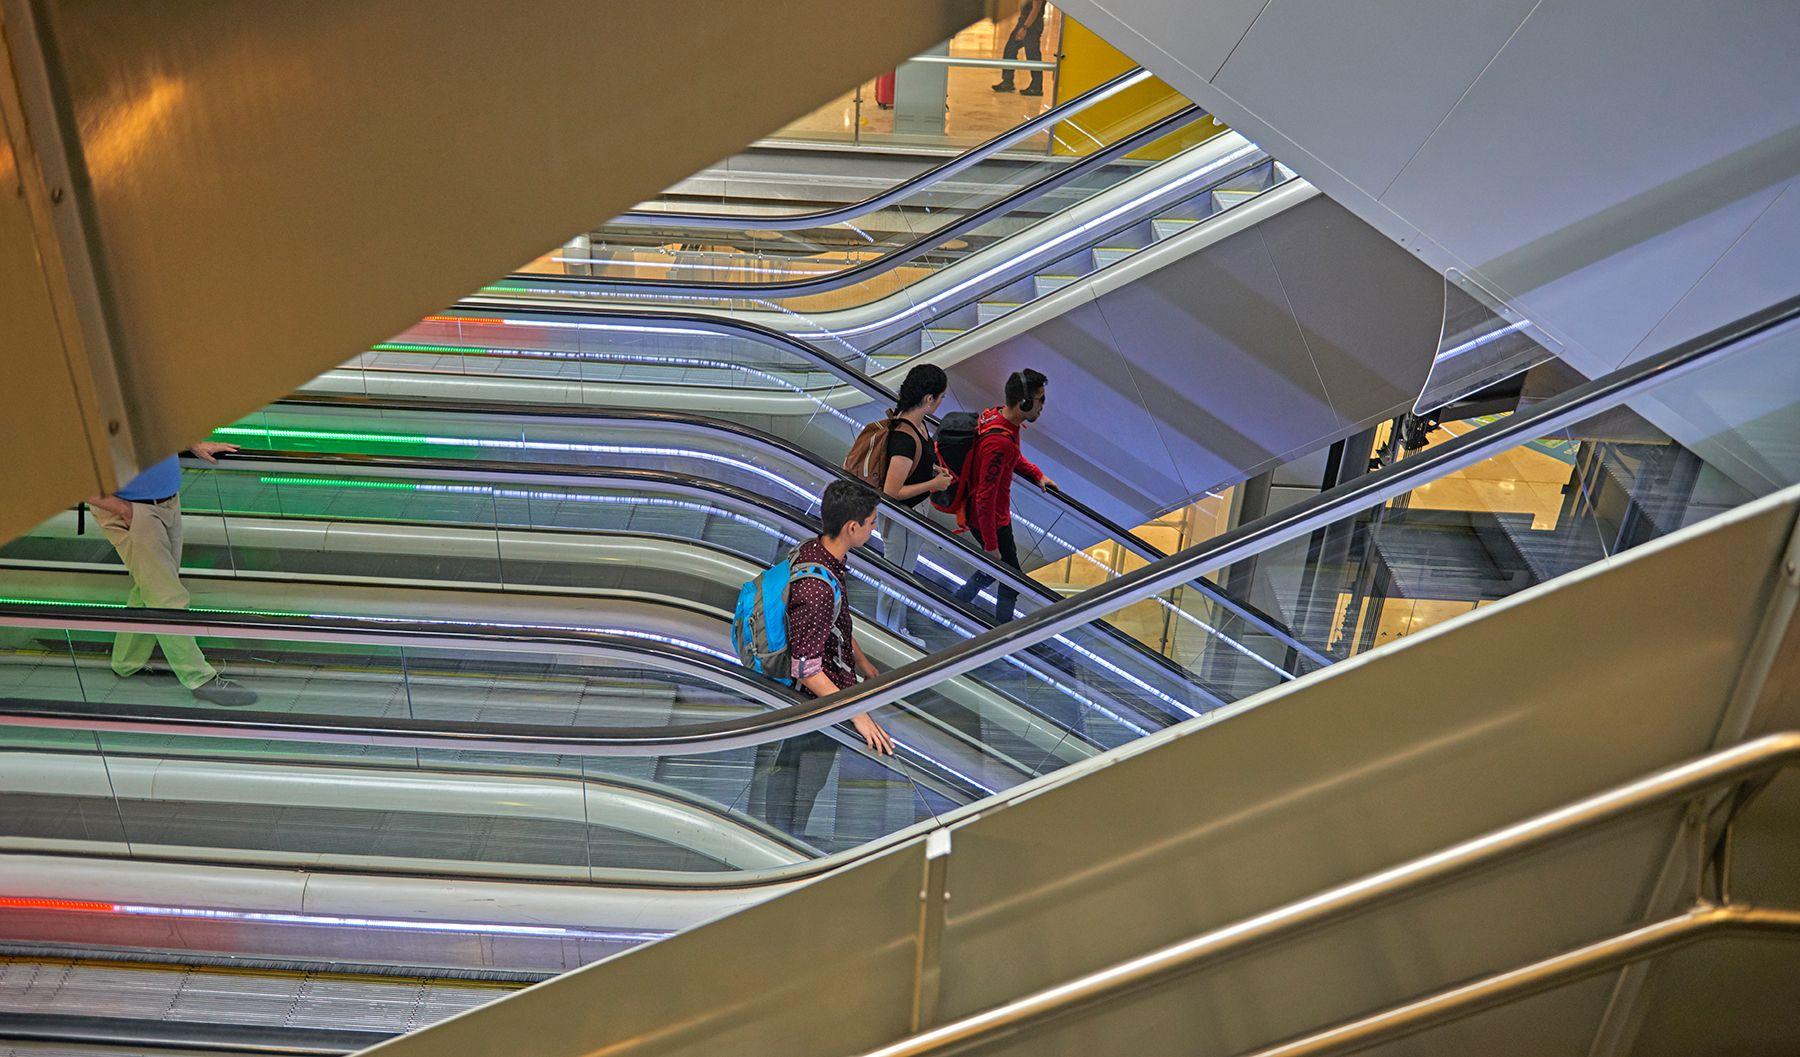 Aeropuertos 23 -las escaleras-